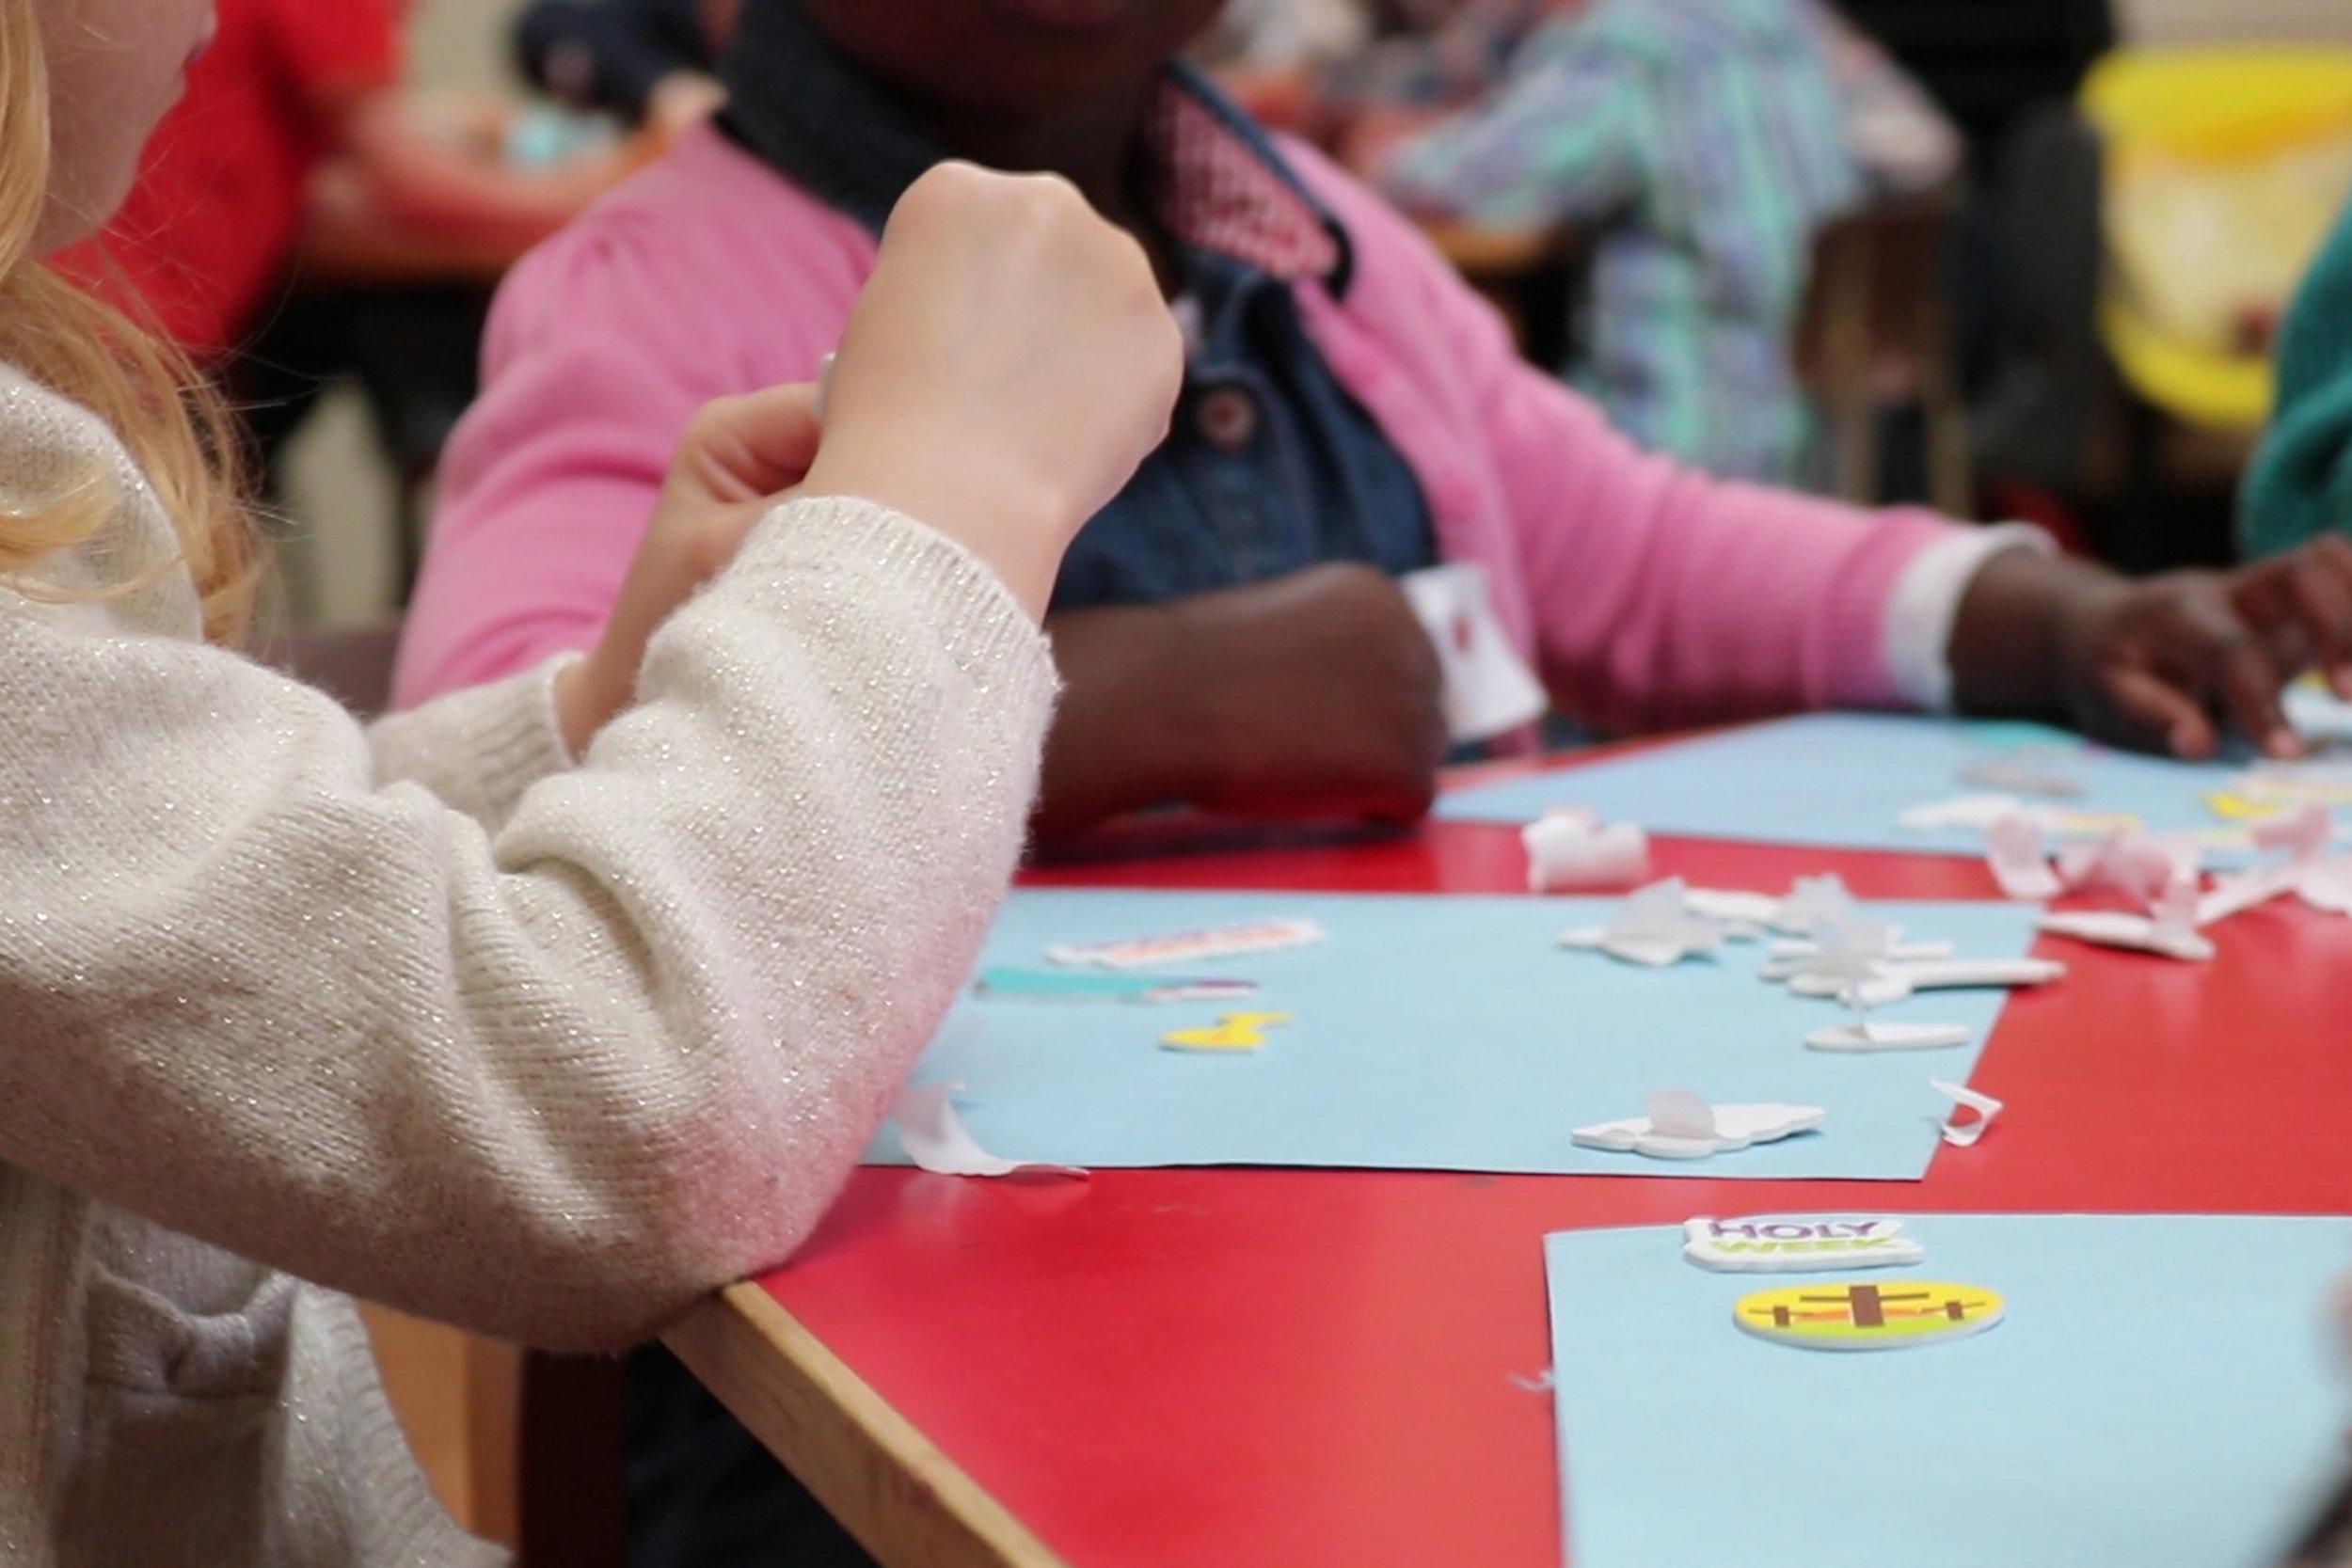 st-johns-harborne-children-learning4-web.jpg